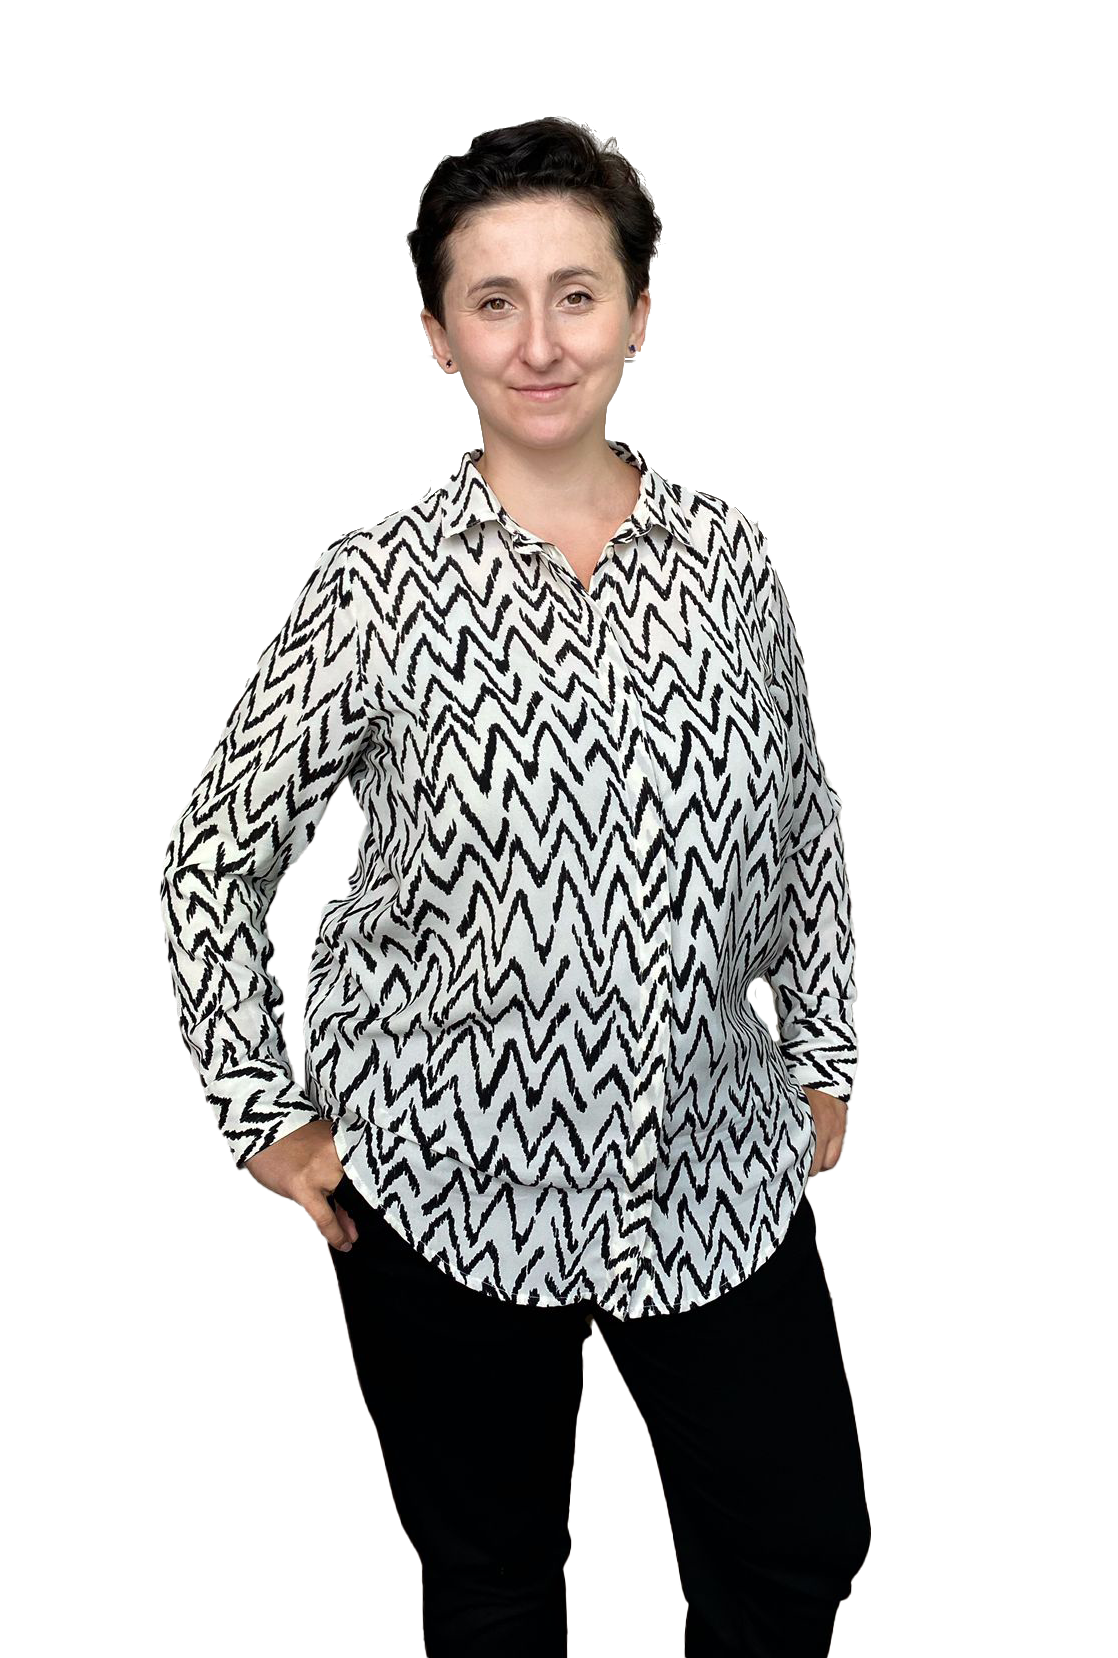 Karolina Błaszczuk-Szymańska starszy specjalista ds. rozliczeń innovatree